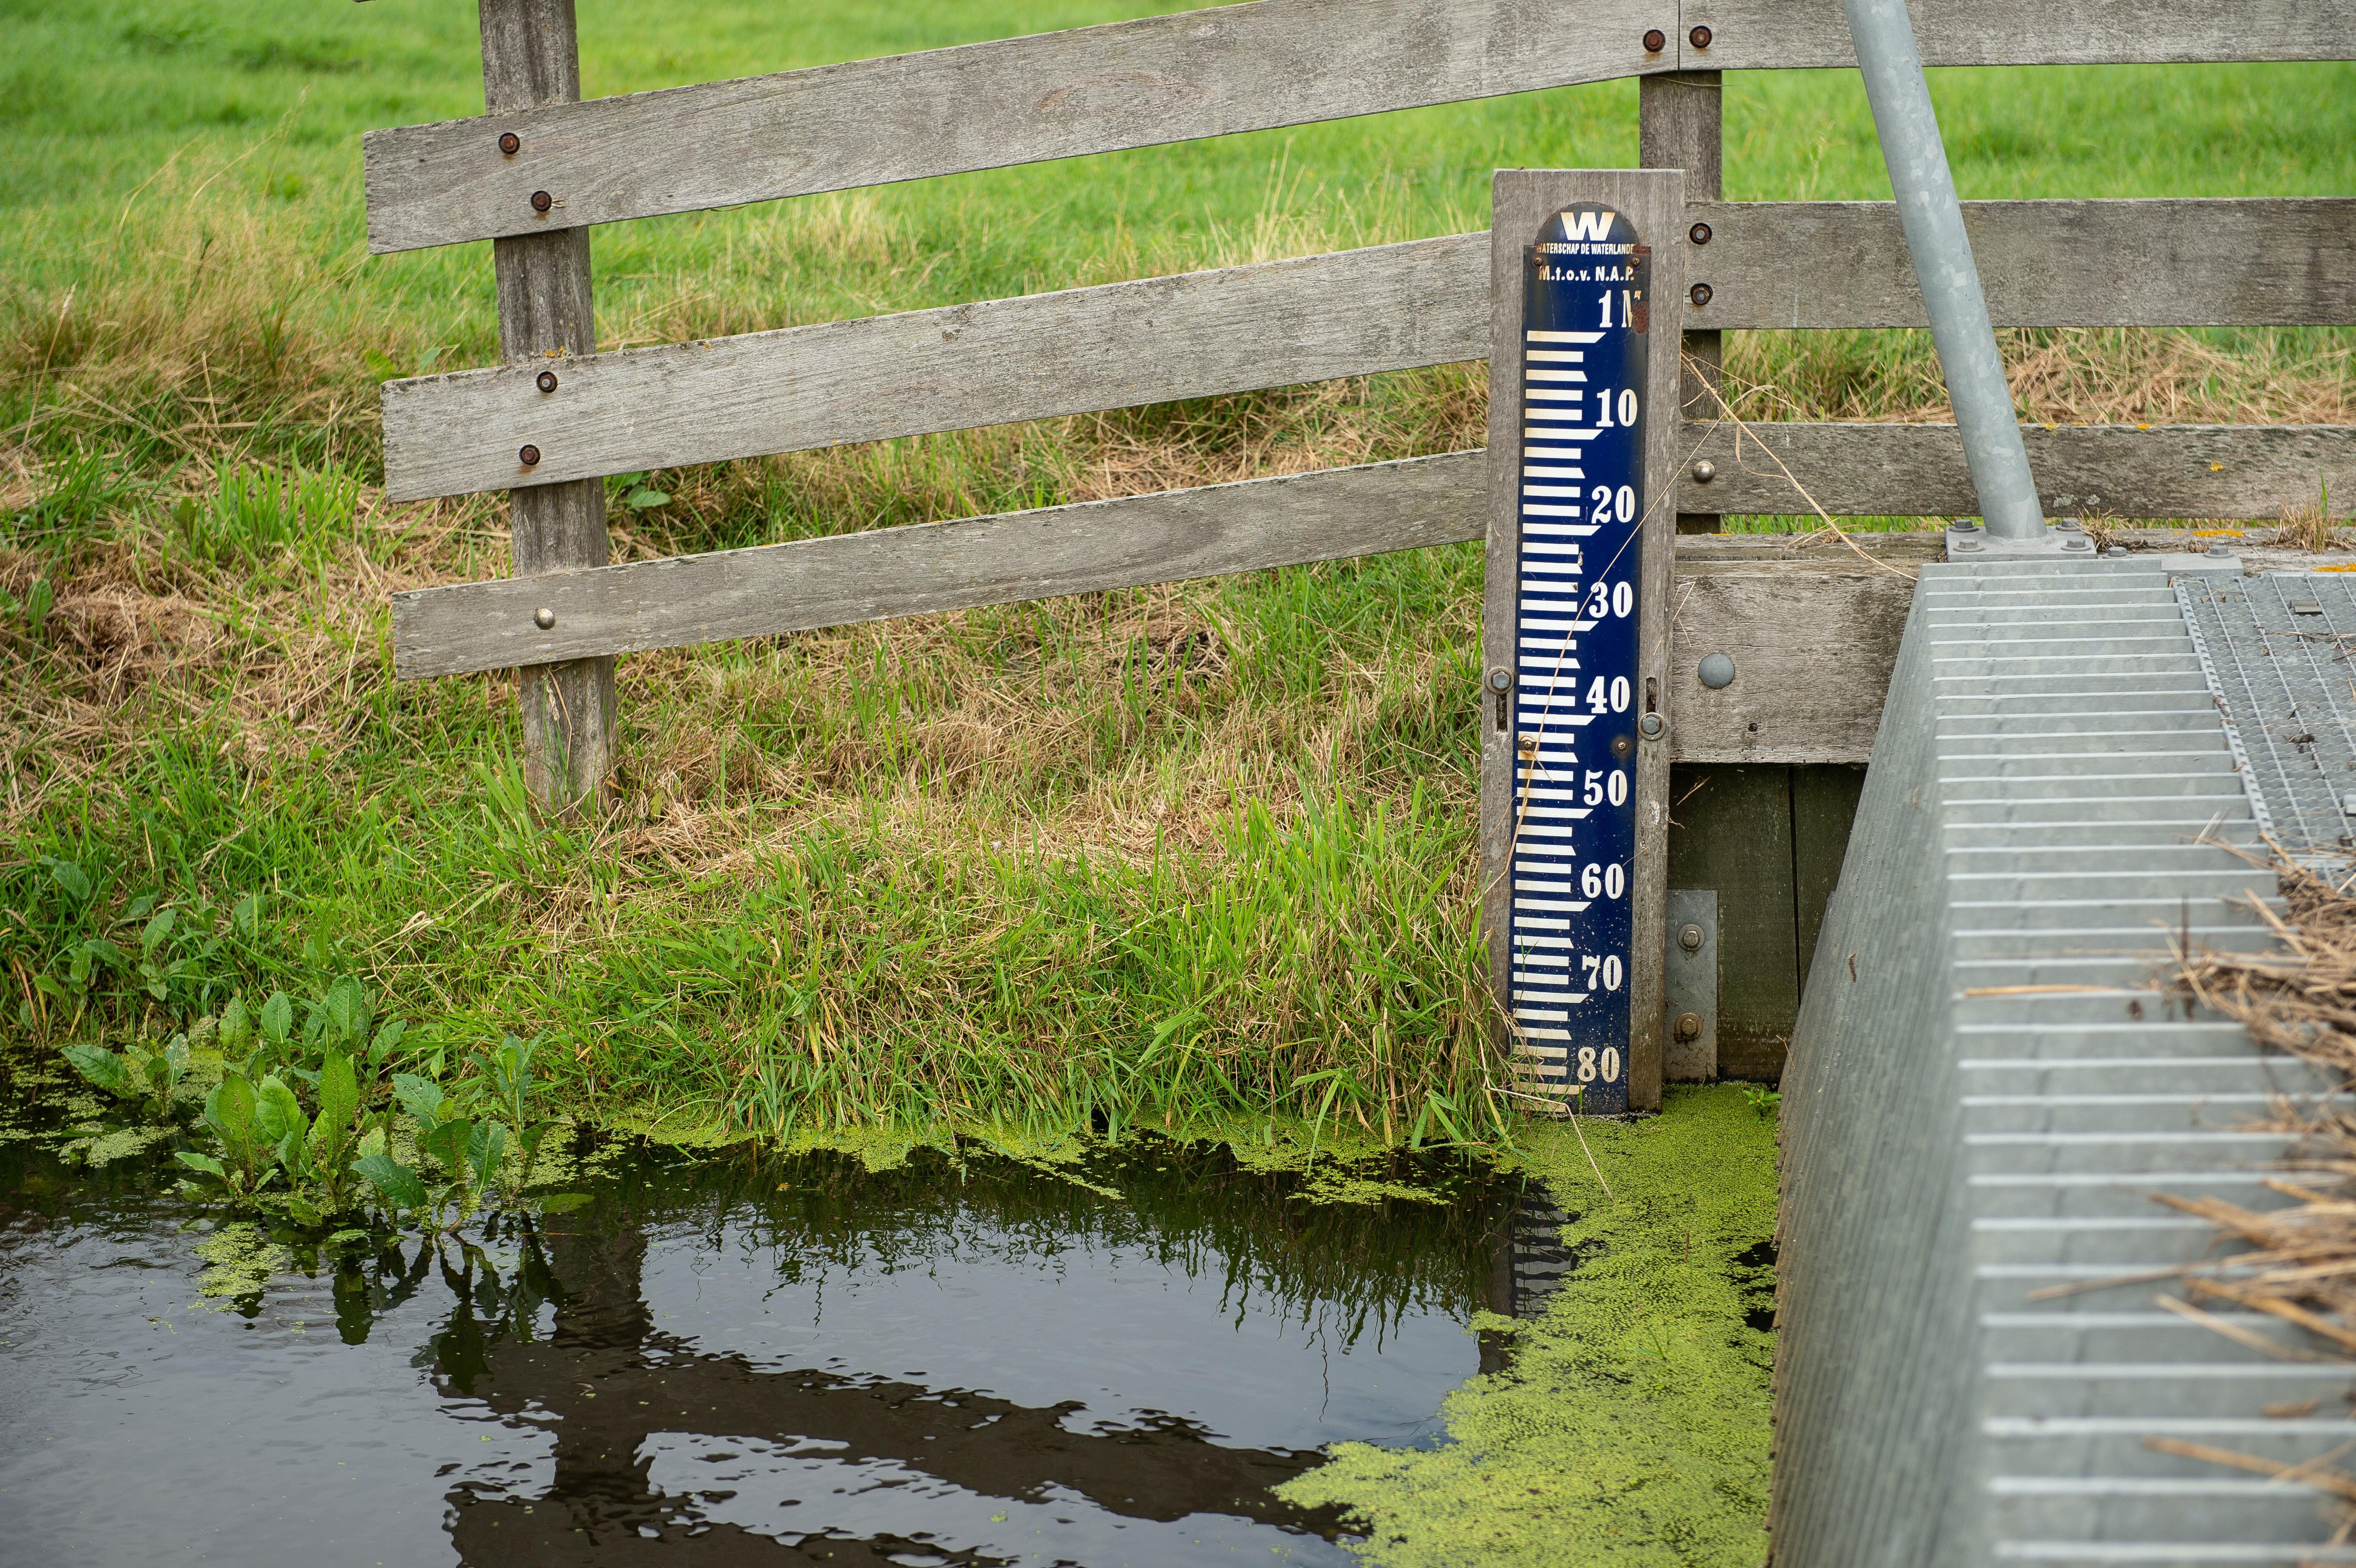 Onderbemaling in Noord-Holland 'zorgelijk': peilafwijkingen op 2800 plekken